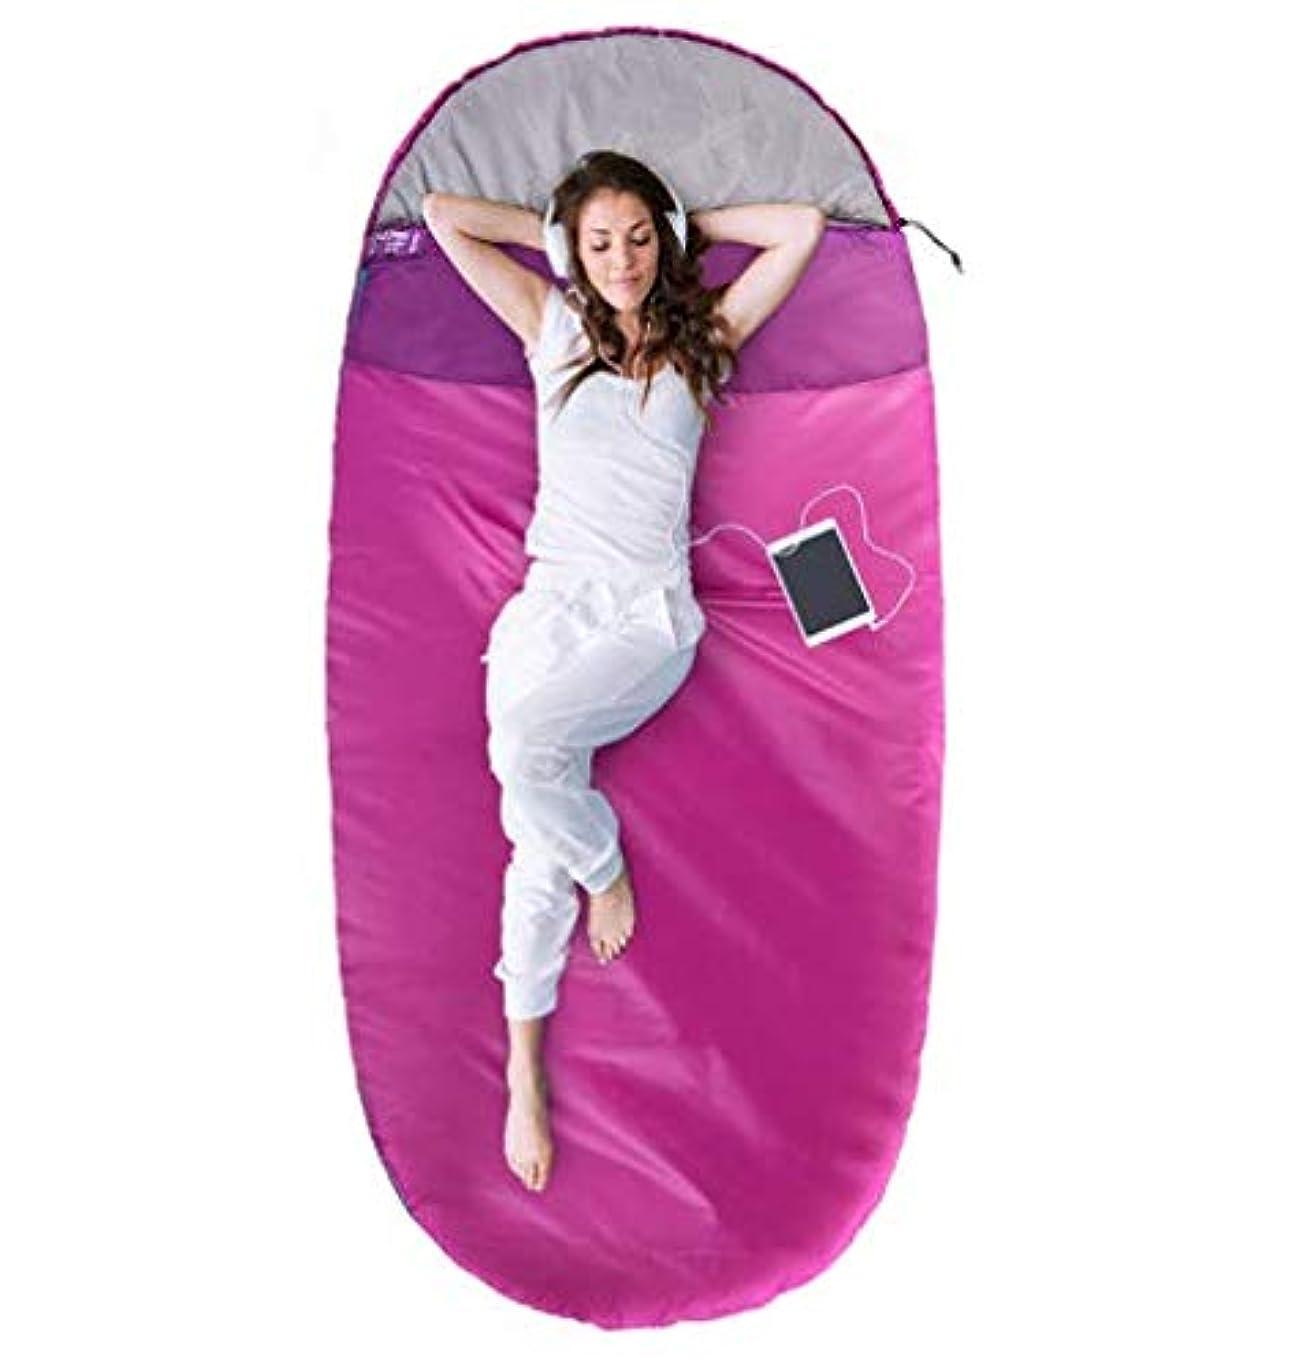 従順便宜狂人春、夏、秋と冬のアウトドアキャンプ厚い暖かいポータブルシングル寝袋1.6キロ (Color : Red, Size : S)